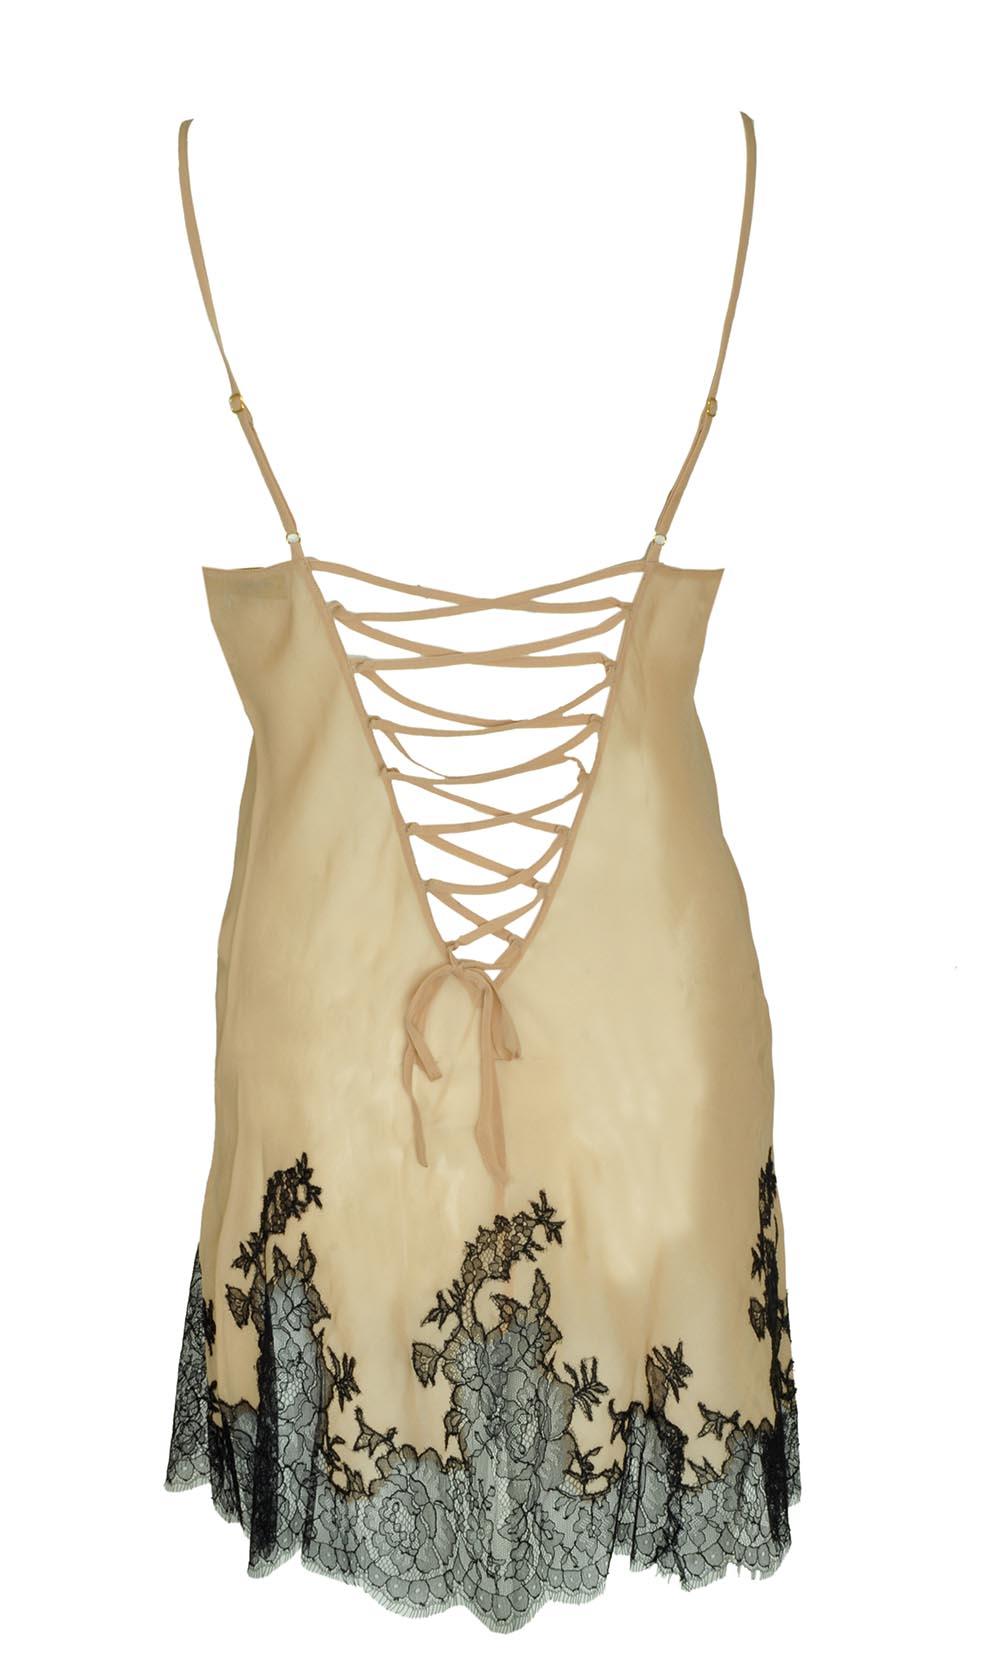 Marjolaine Slip-Dress Hinten Geschenkidee zu Weihnachten